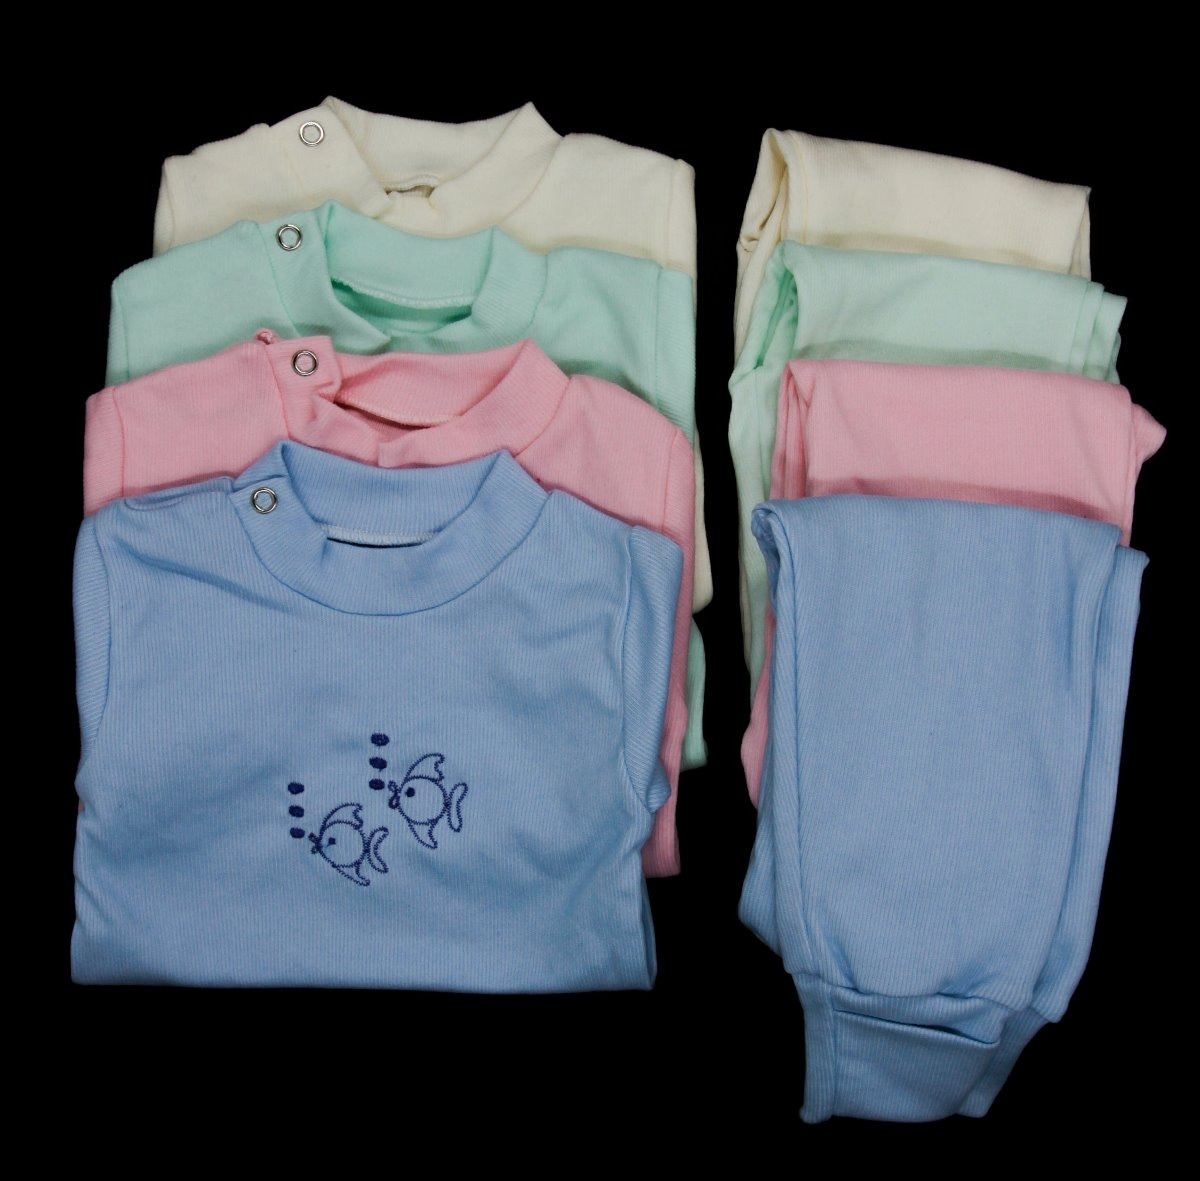 b245e6b29 kit 10 body bebê 10 mijão frete gratis promoção roupa bebe. Carregando zoom.